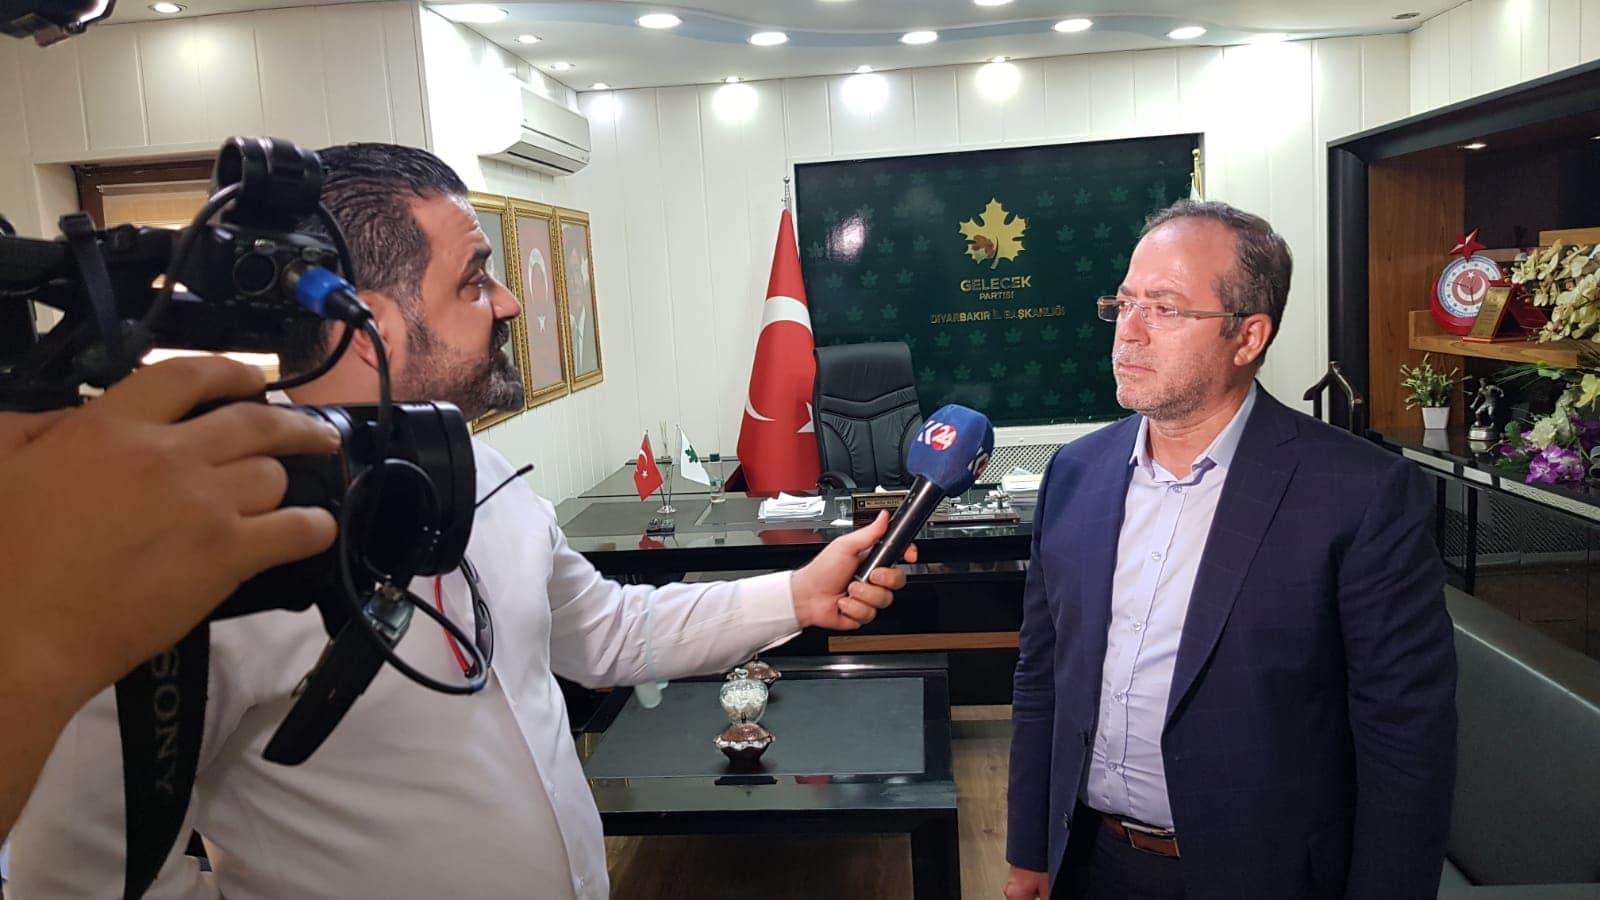 Rûdaw tv ve K24 ty'ye Bölge ve Türkiye gündemini değerlendirdik.